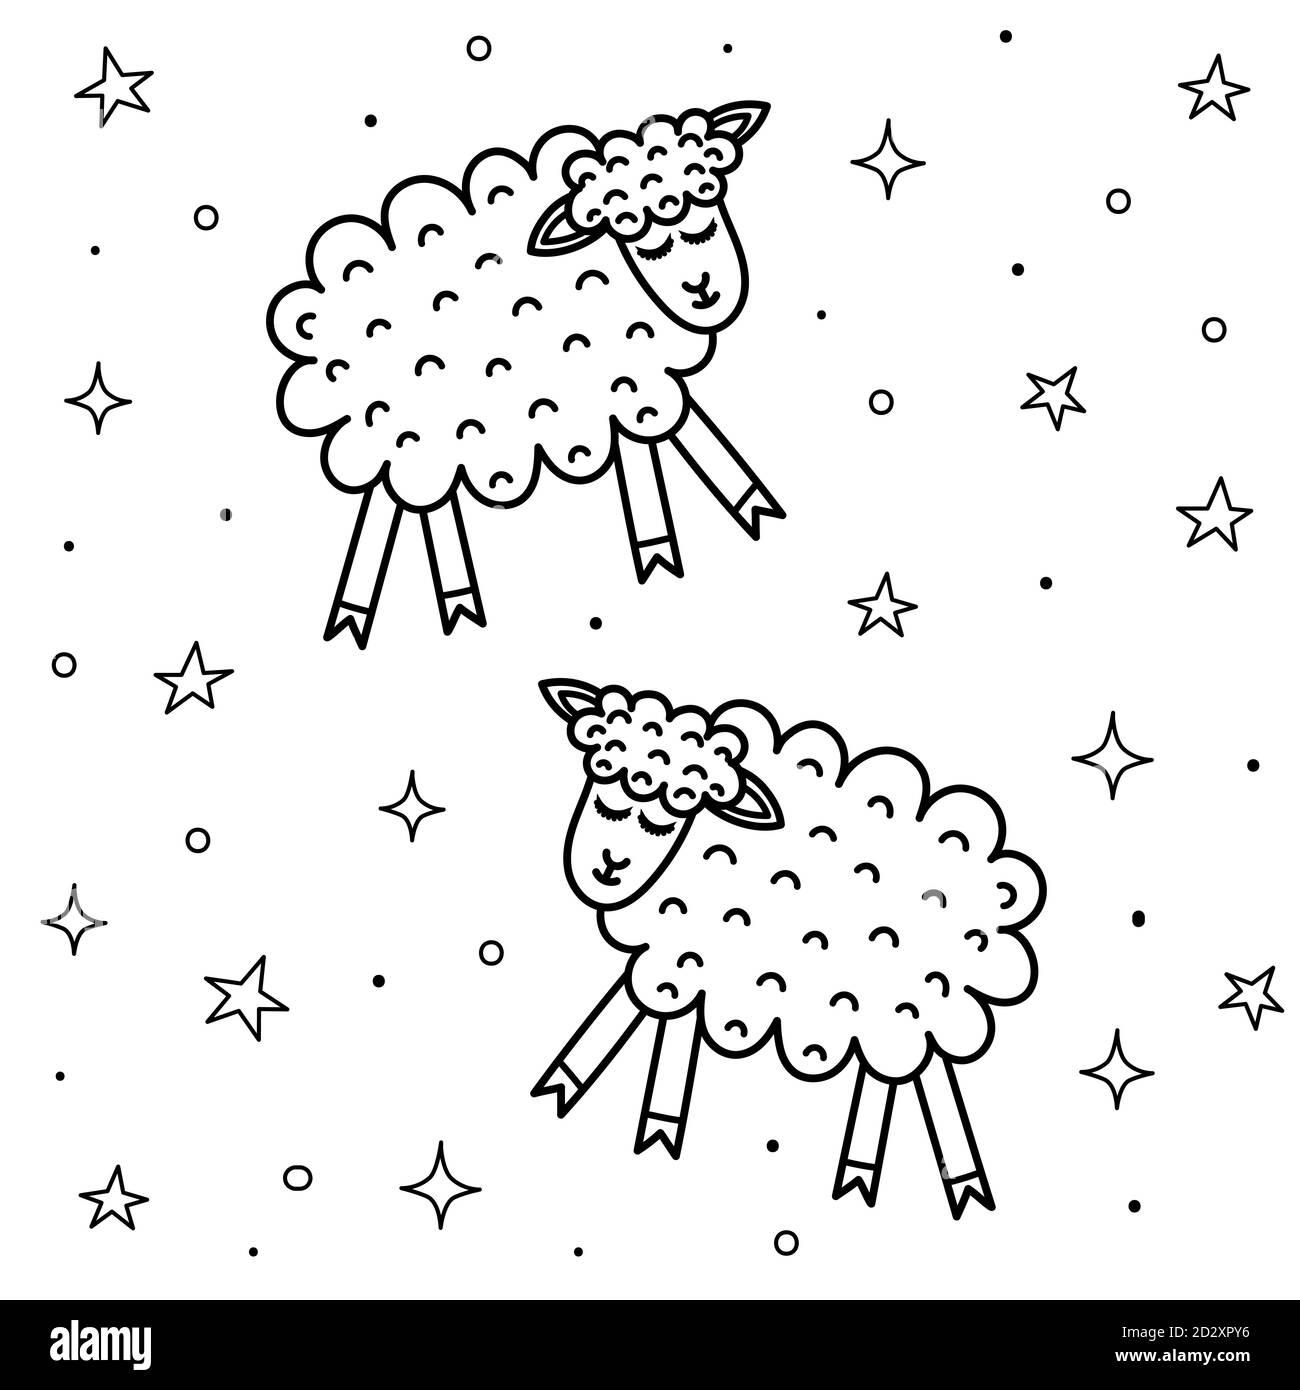 Schlafende Schafe Ausgeschnittene Stockfotos Und Bilder Alamy